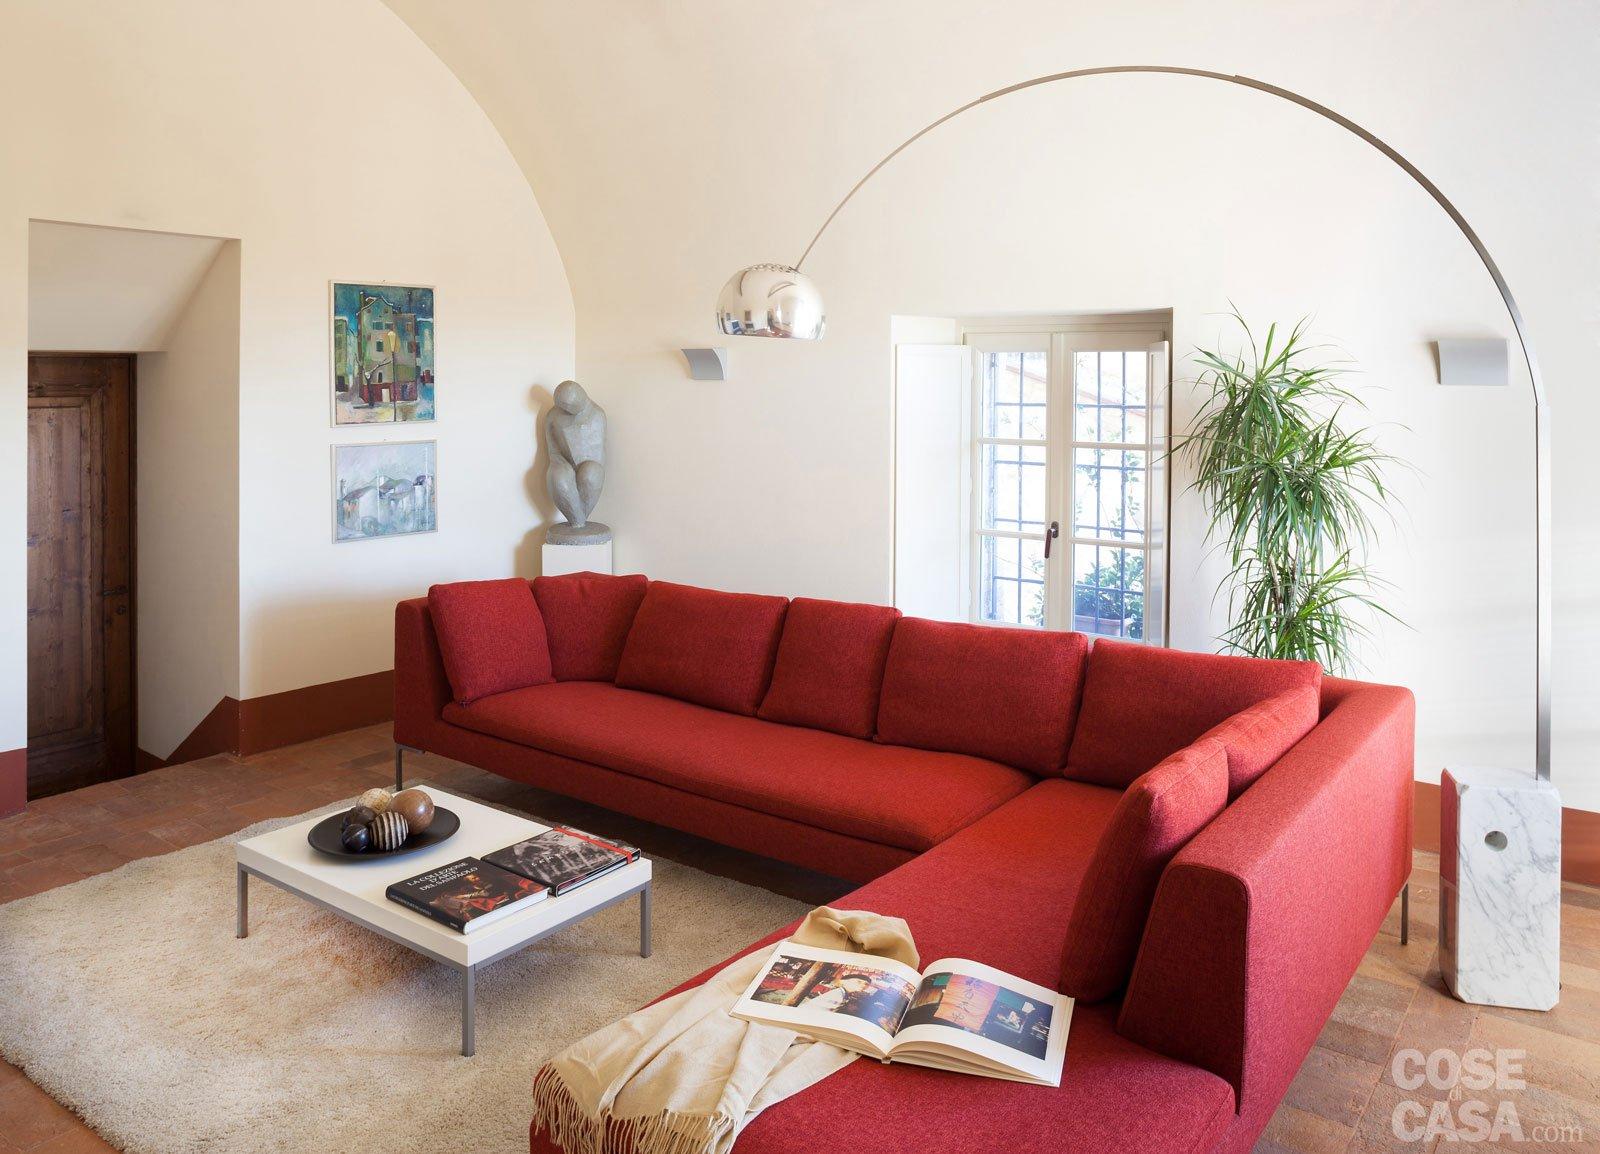 Una casa con ambienti moderni a sfondo rustico cose di casa - Casa legno moderna ...